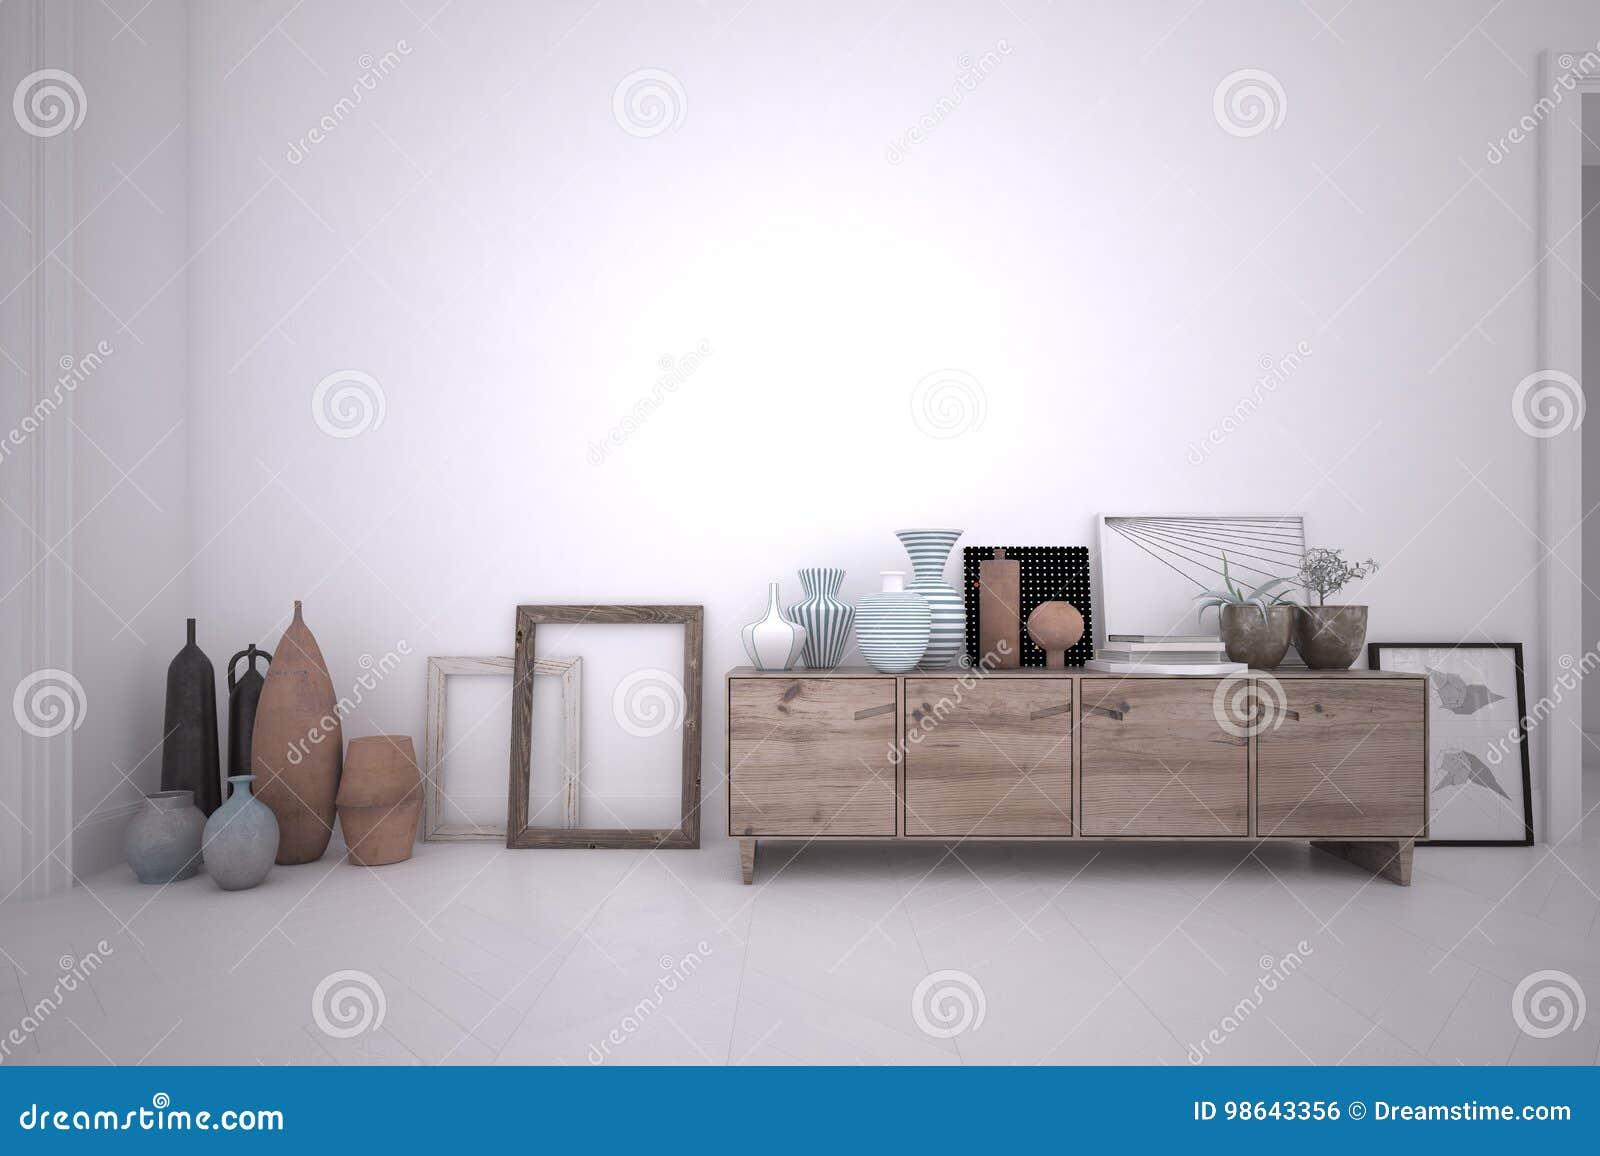 Credenza Para La Sala : 3d che rende interno di stanza con la credenza legno e